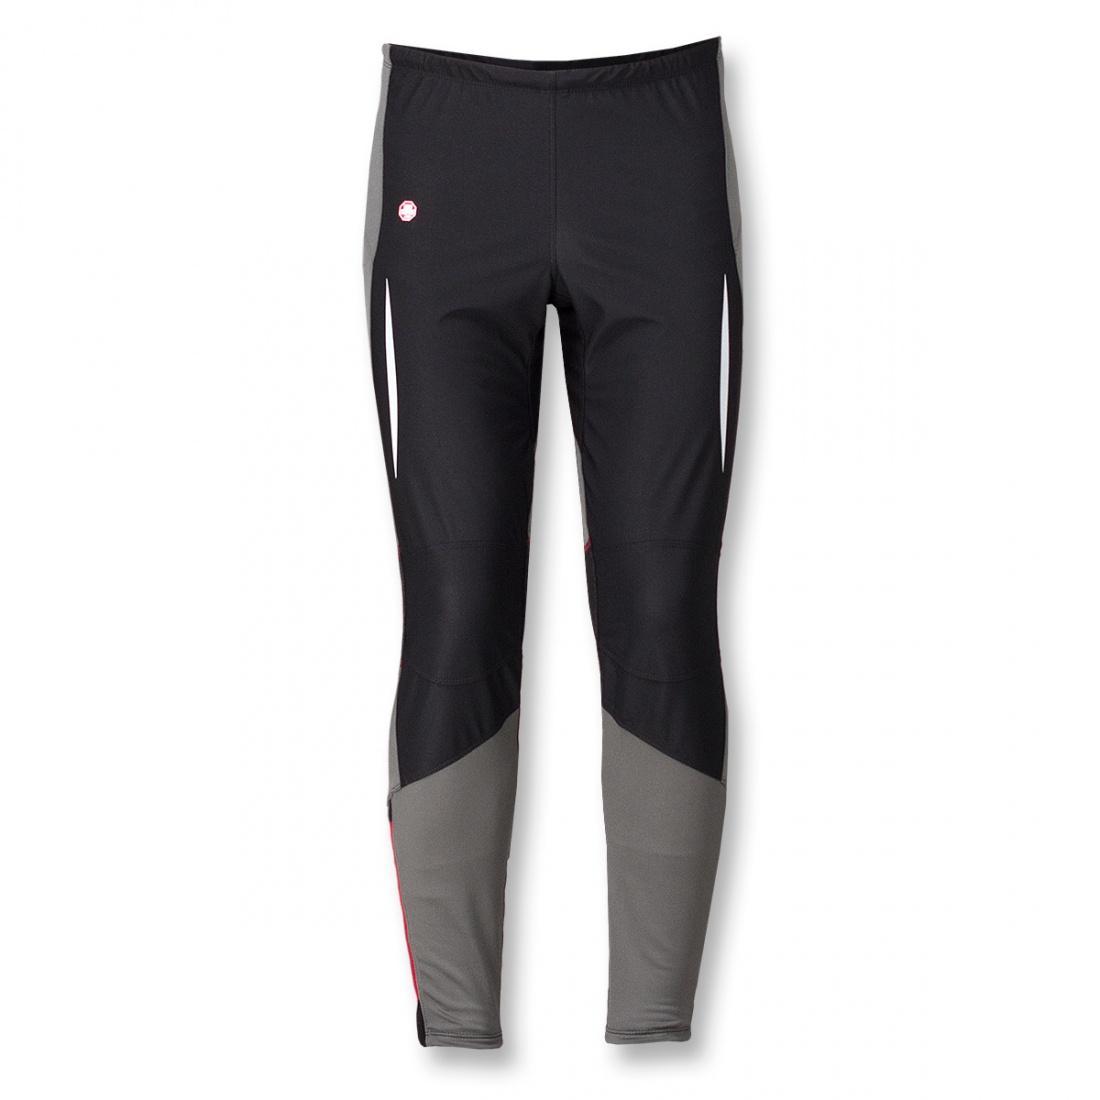 Брюки MultiБрюки, штаны<br><br><br>Цвет: Темно-серый<br>Размер: 54